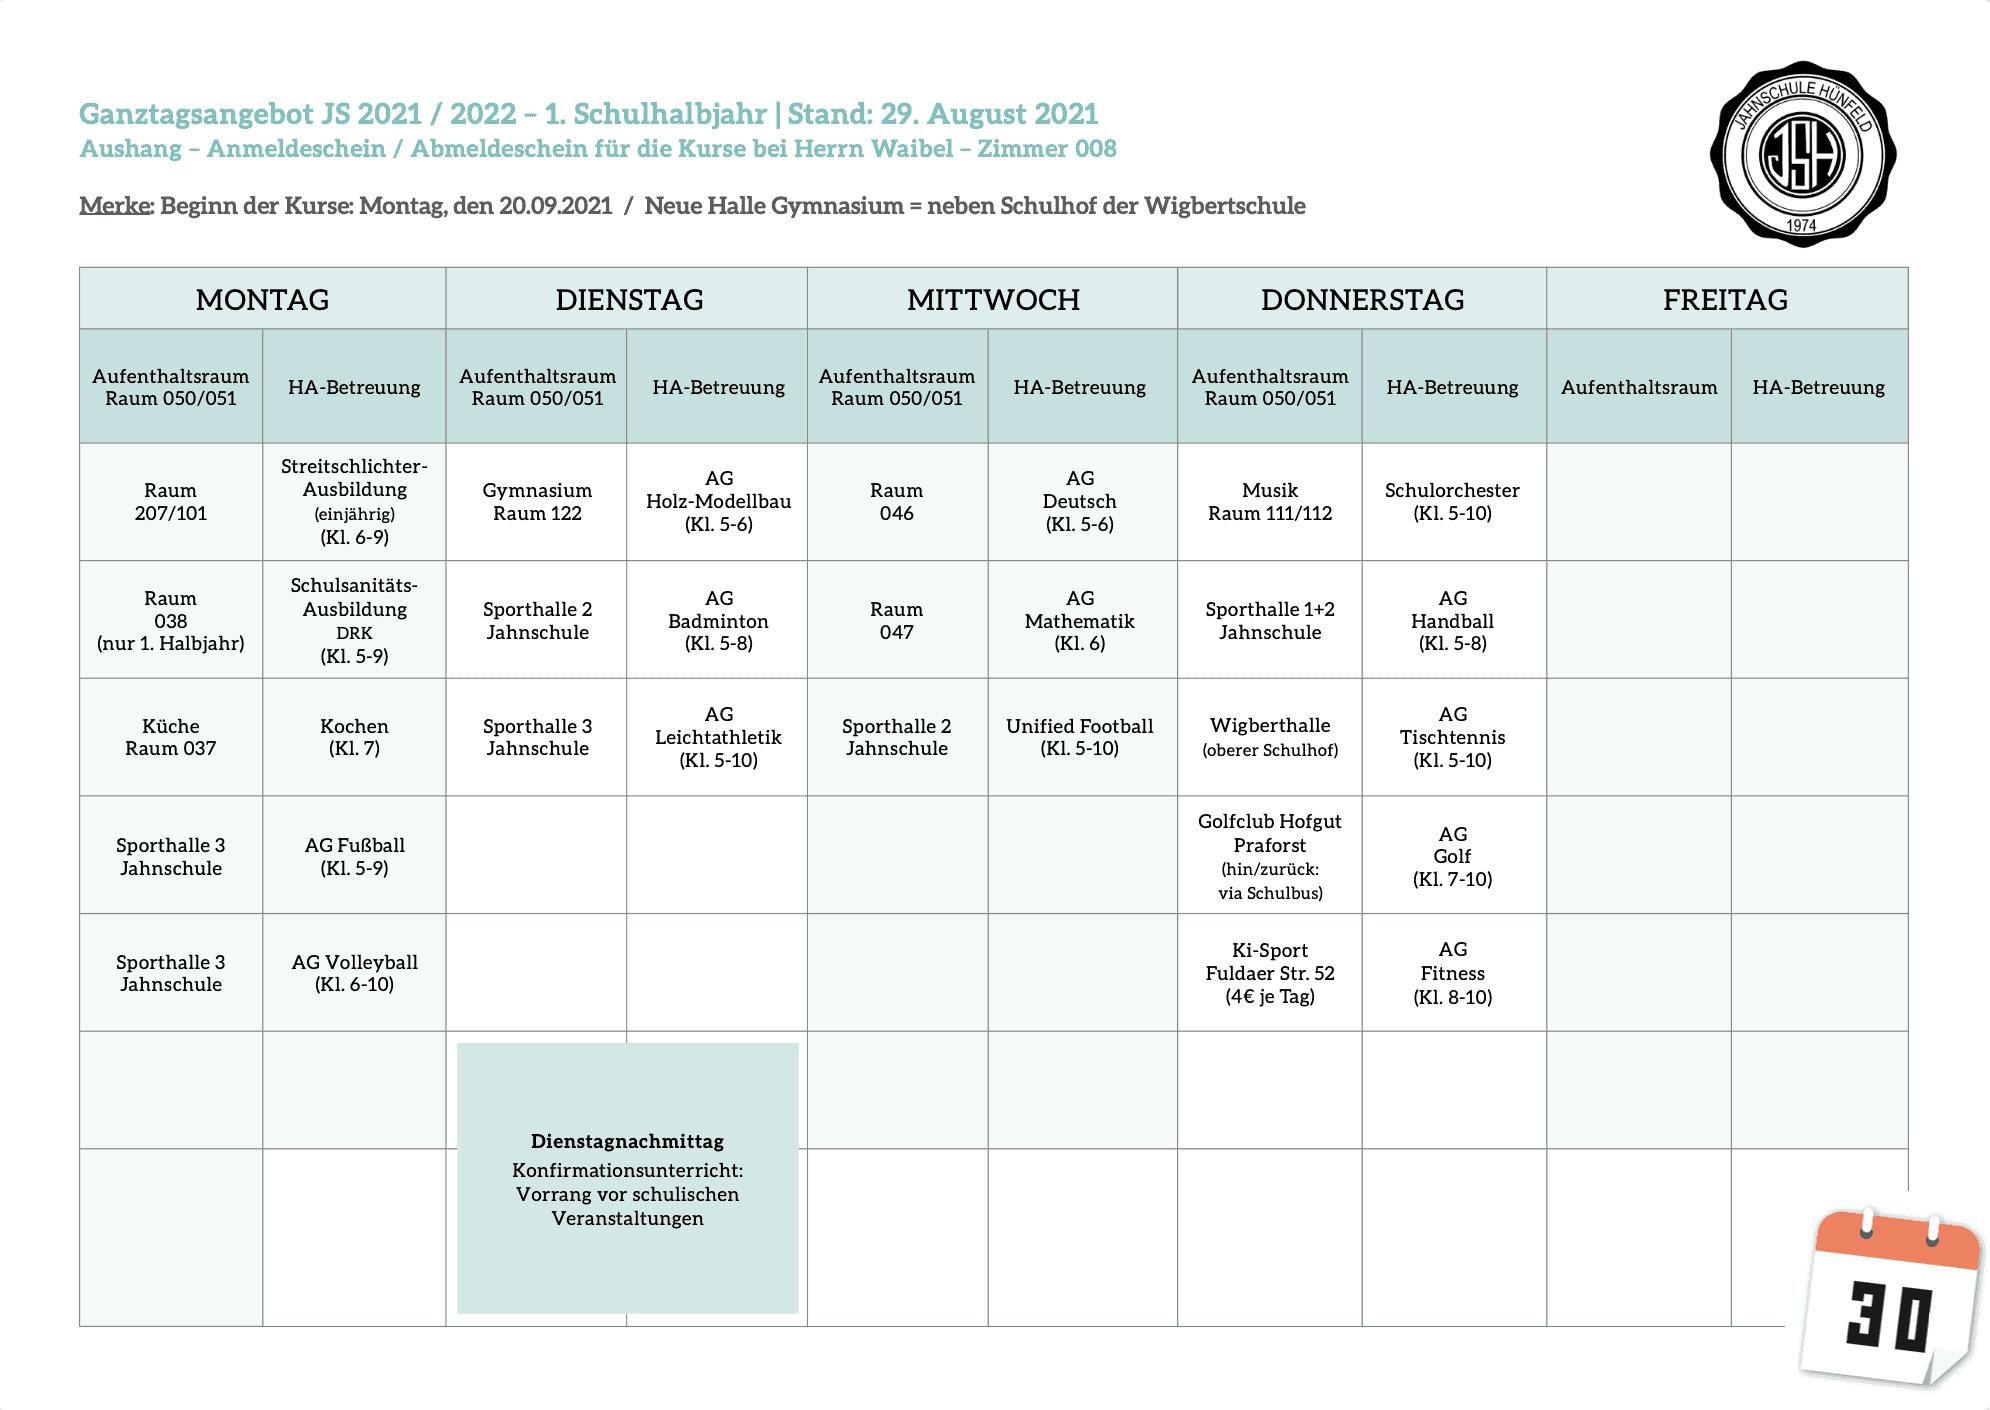 Ganztagsangebot-Wochenplan